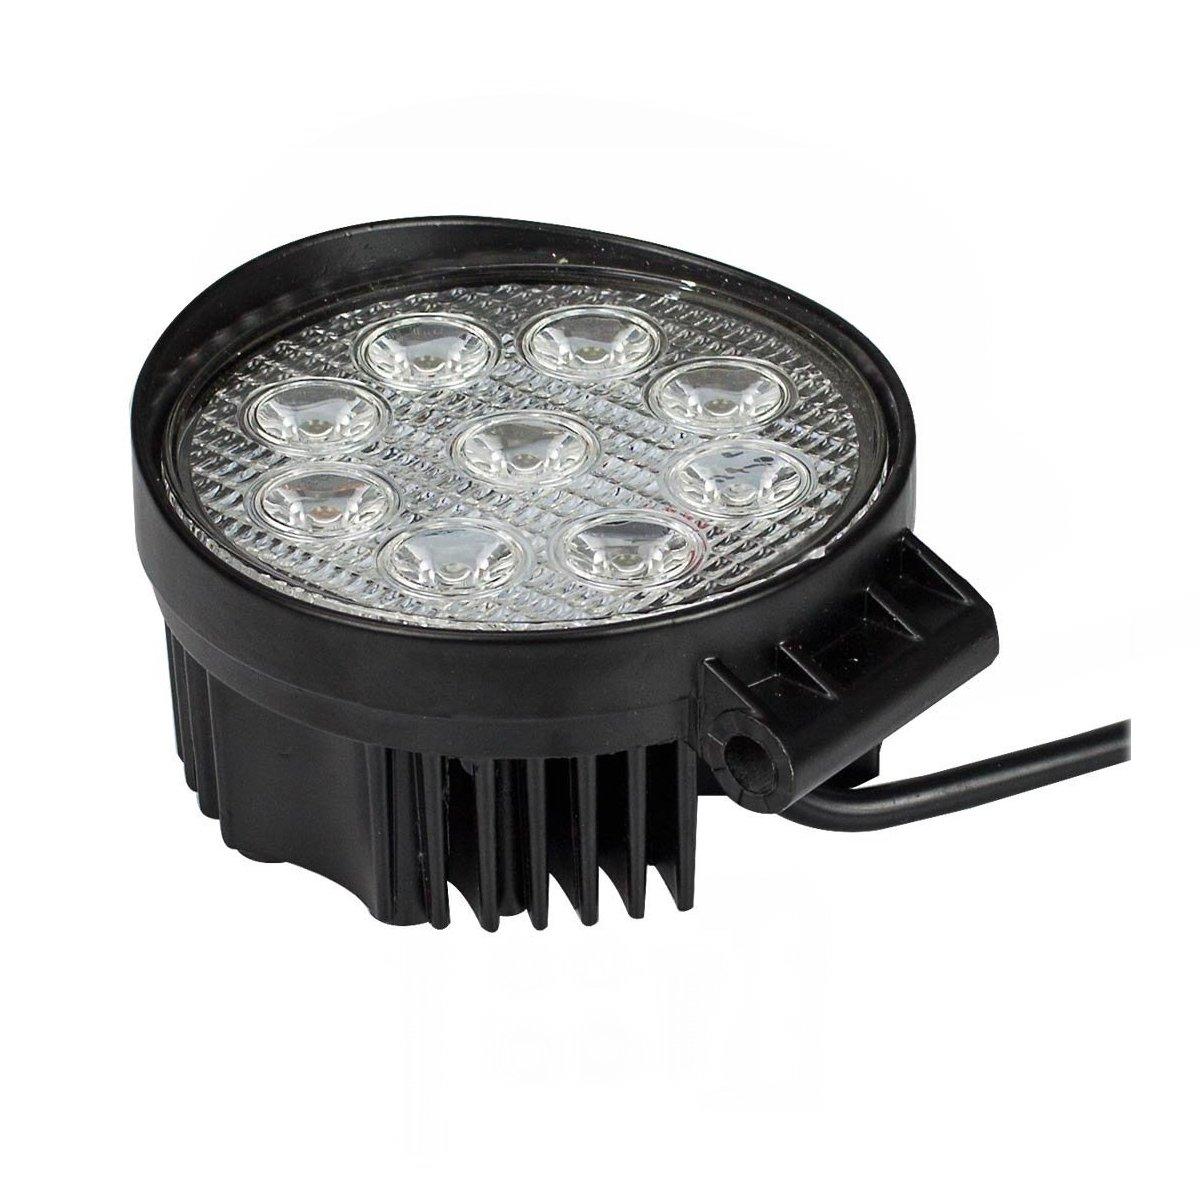 SAILUN 4 x 48W FARO DA LAVORO LUCE DI PROFONDITA A LED Piazza Offroad Proiettore Riflettore Worklight 1600LM Pressofuso in alluminio nero IP67